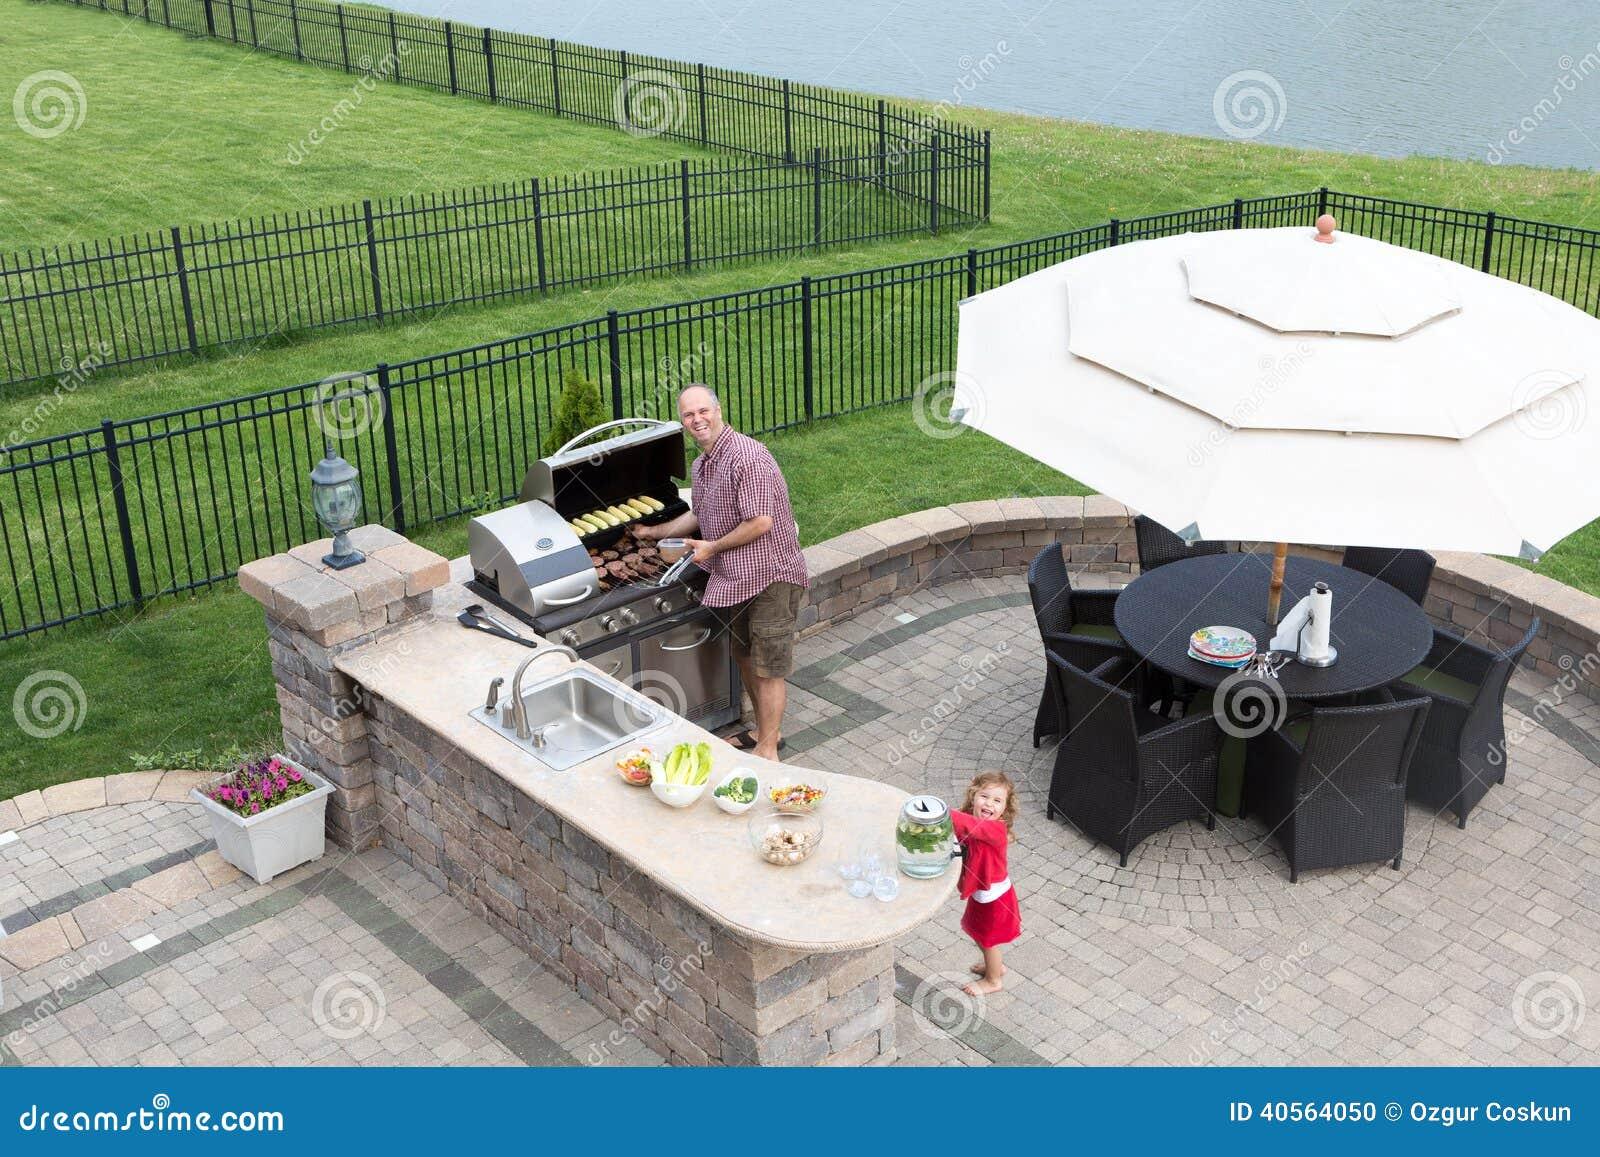 Sommerküche Zum Vorbereiten : Vater und tochter die einen grill vorbereiten stockfoto bild